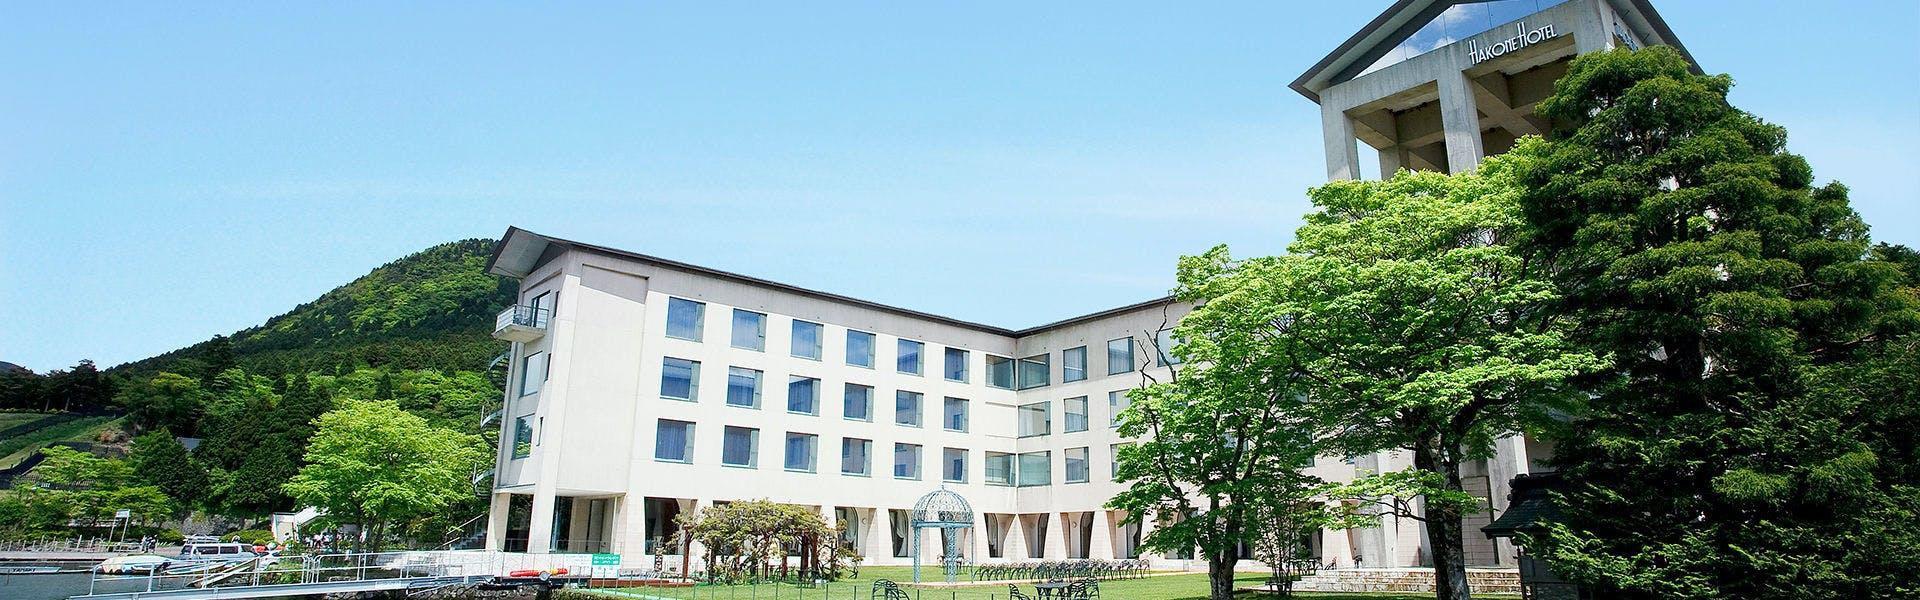 記念日におすすめのホテル・箱根ホテル 富士屋ホテルレイクビューアネックスの写真1